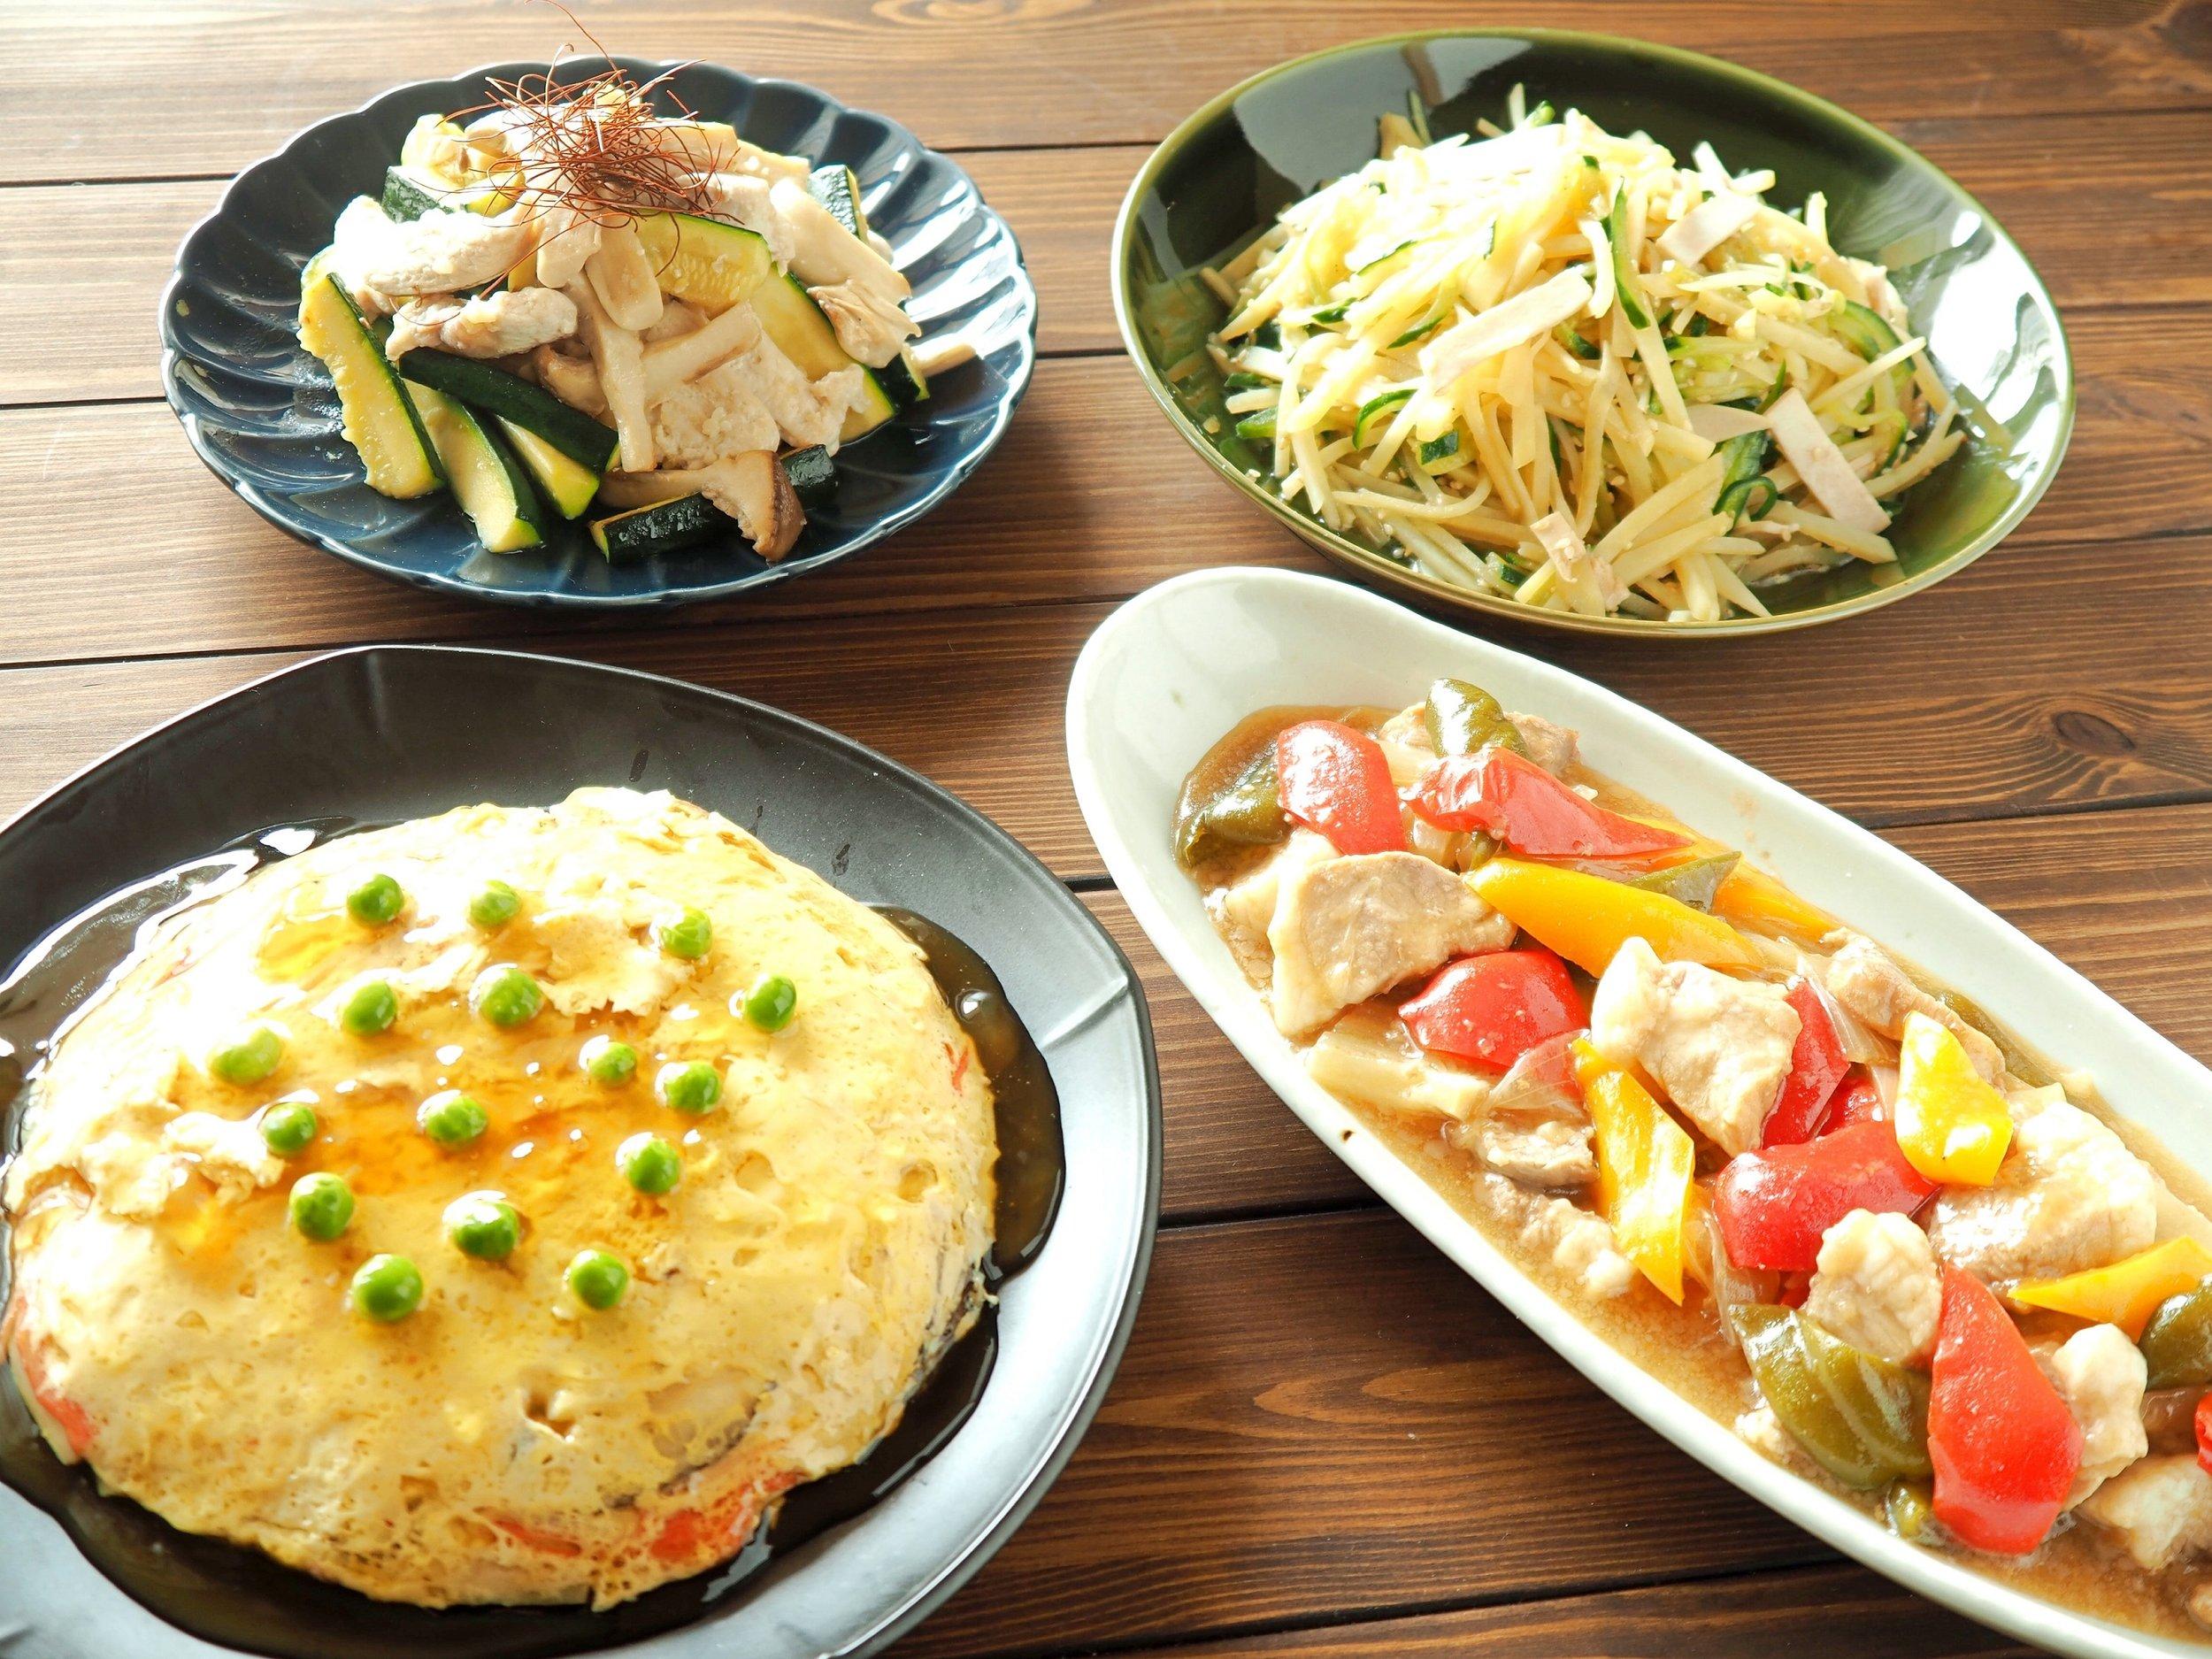 190603・10・17・24_まとめづくり料理体験(月曜)-1.jpg